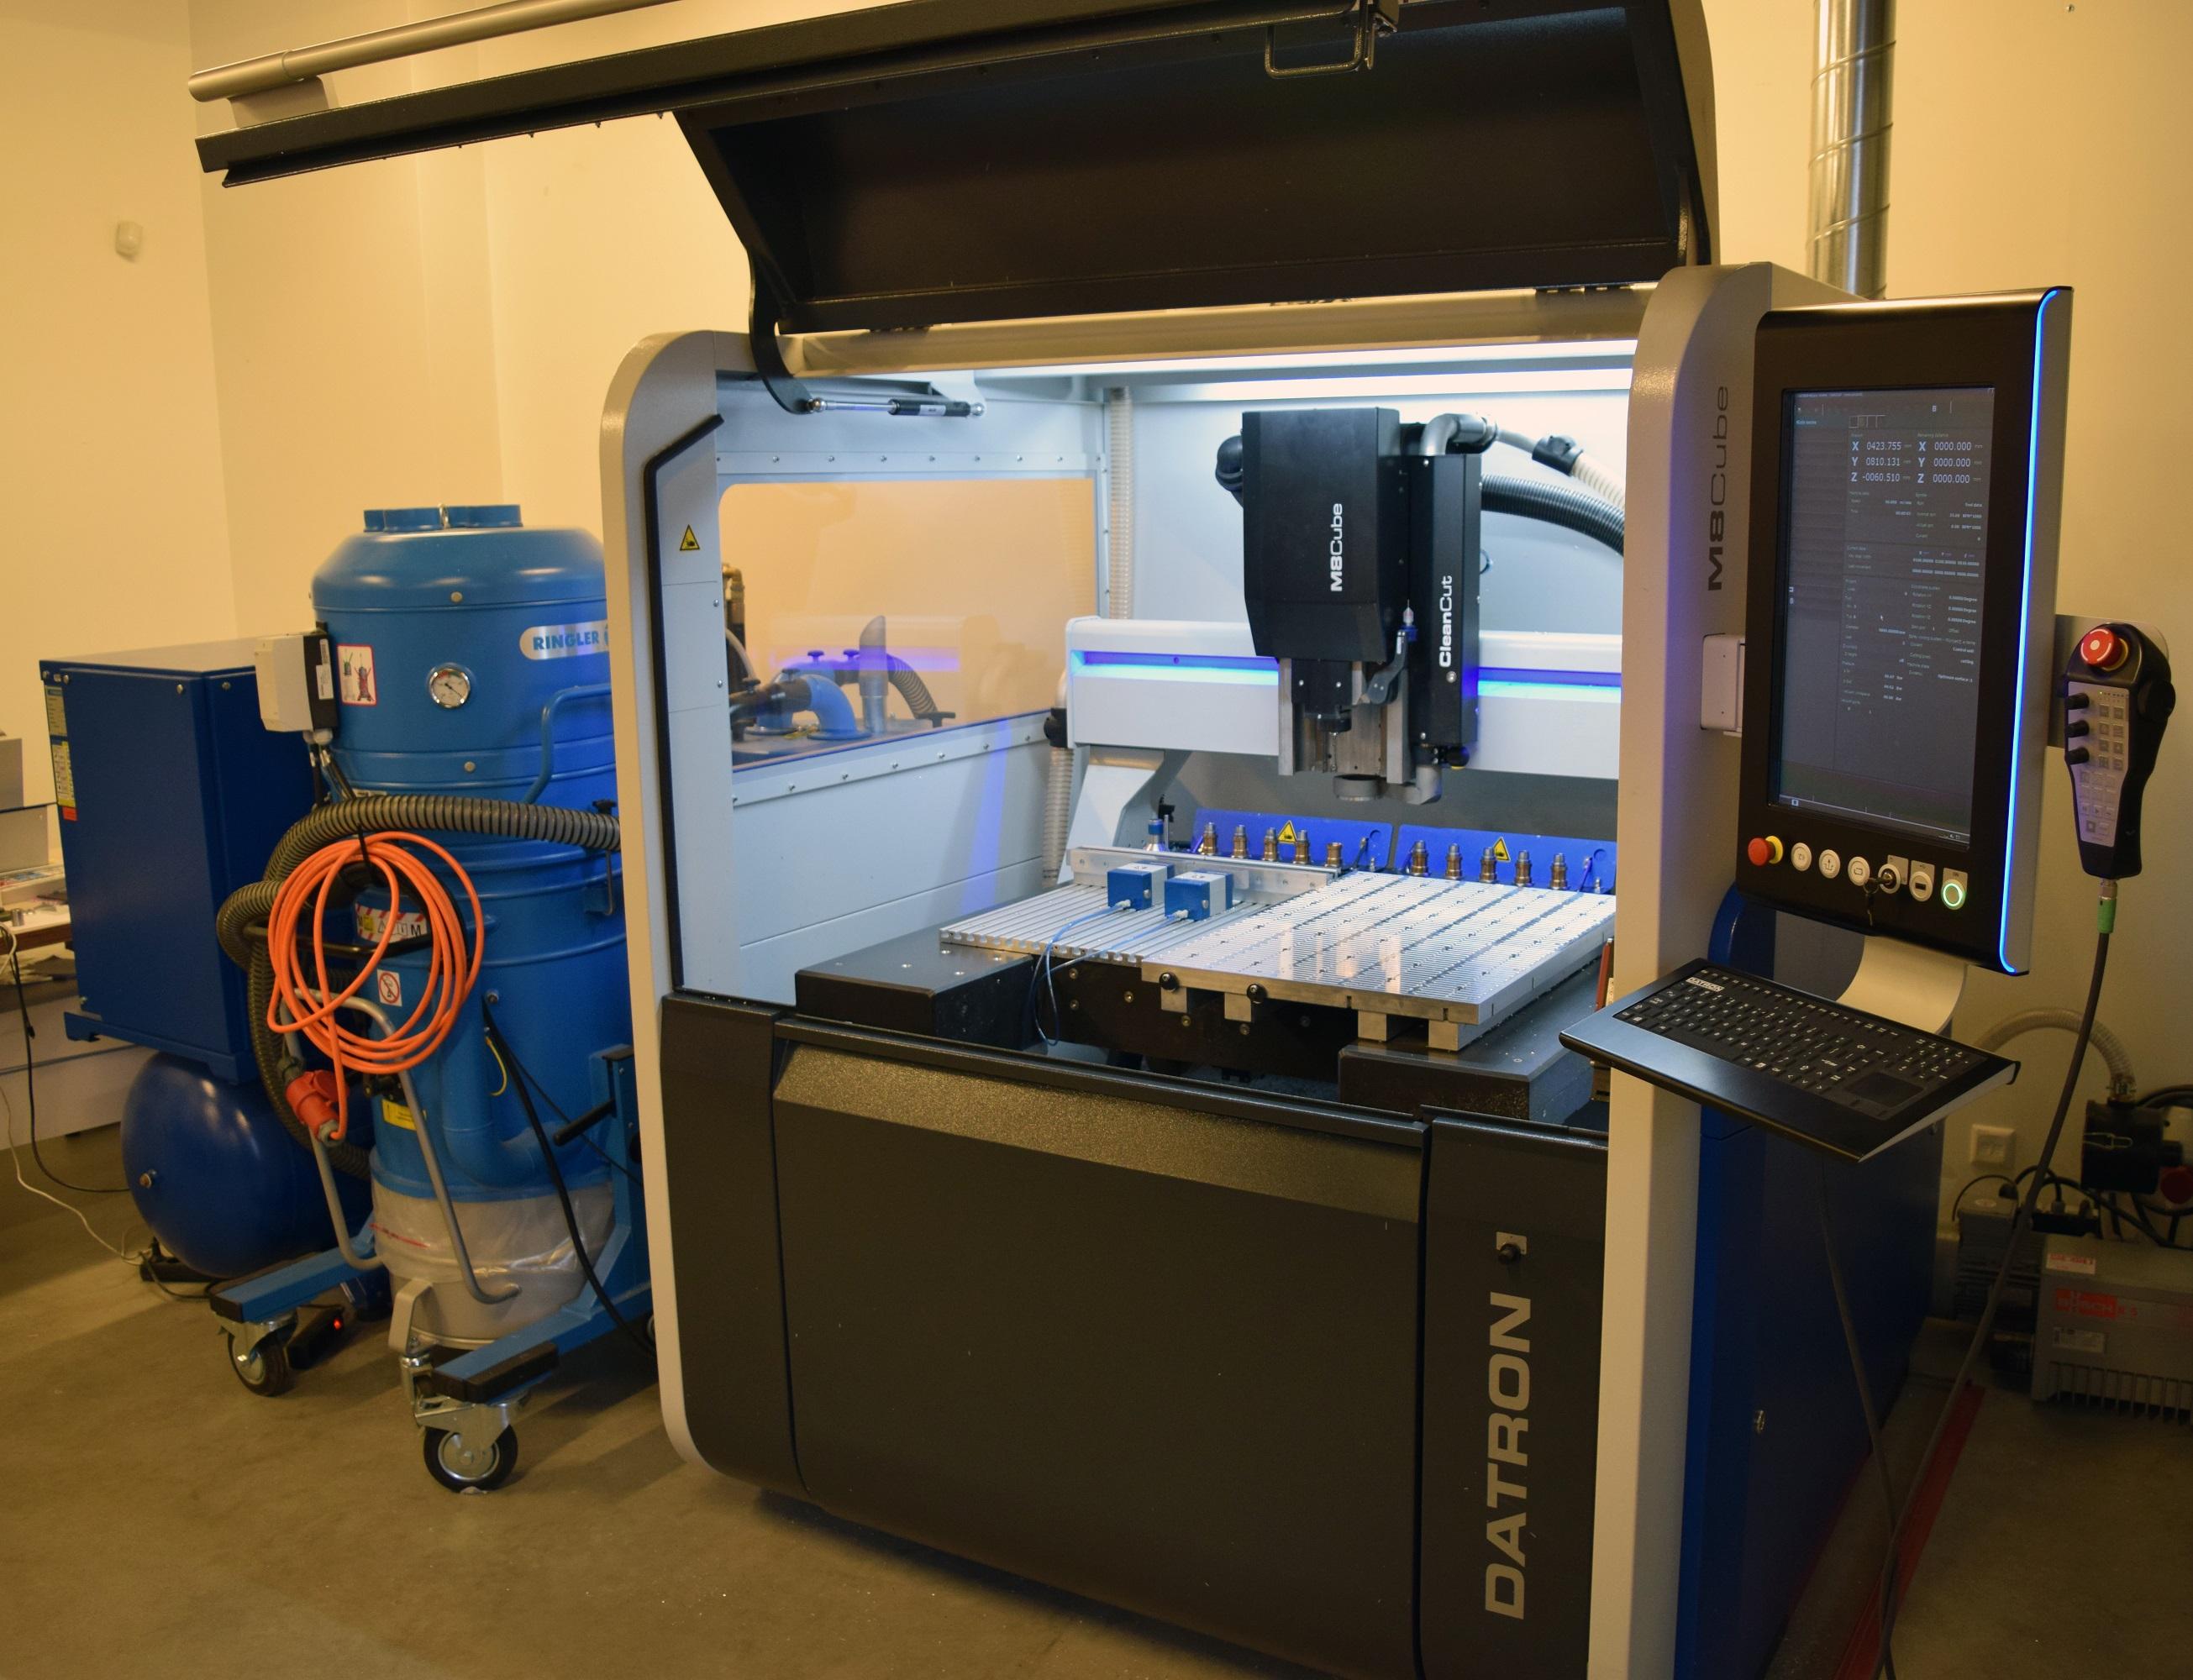 Datron M8CUBE CNC Milling Machine